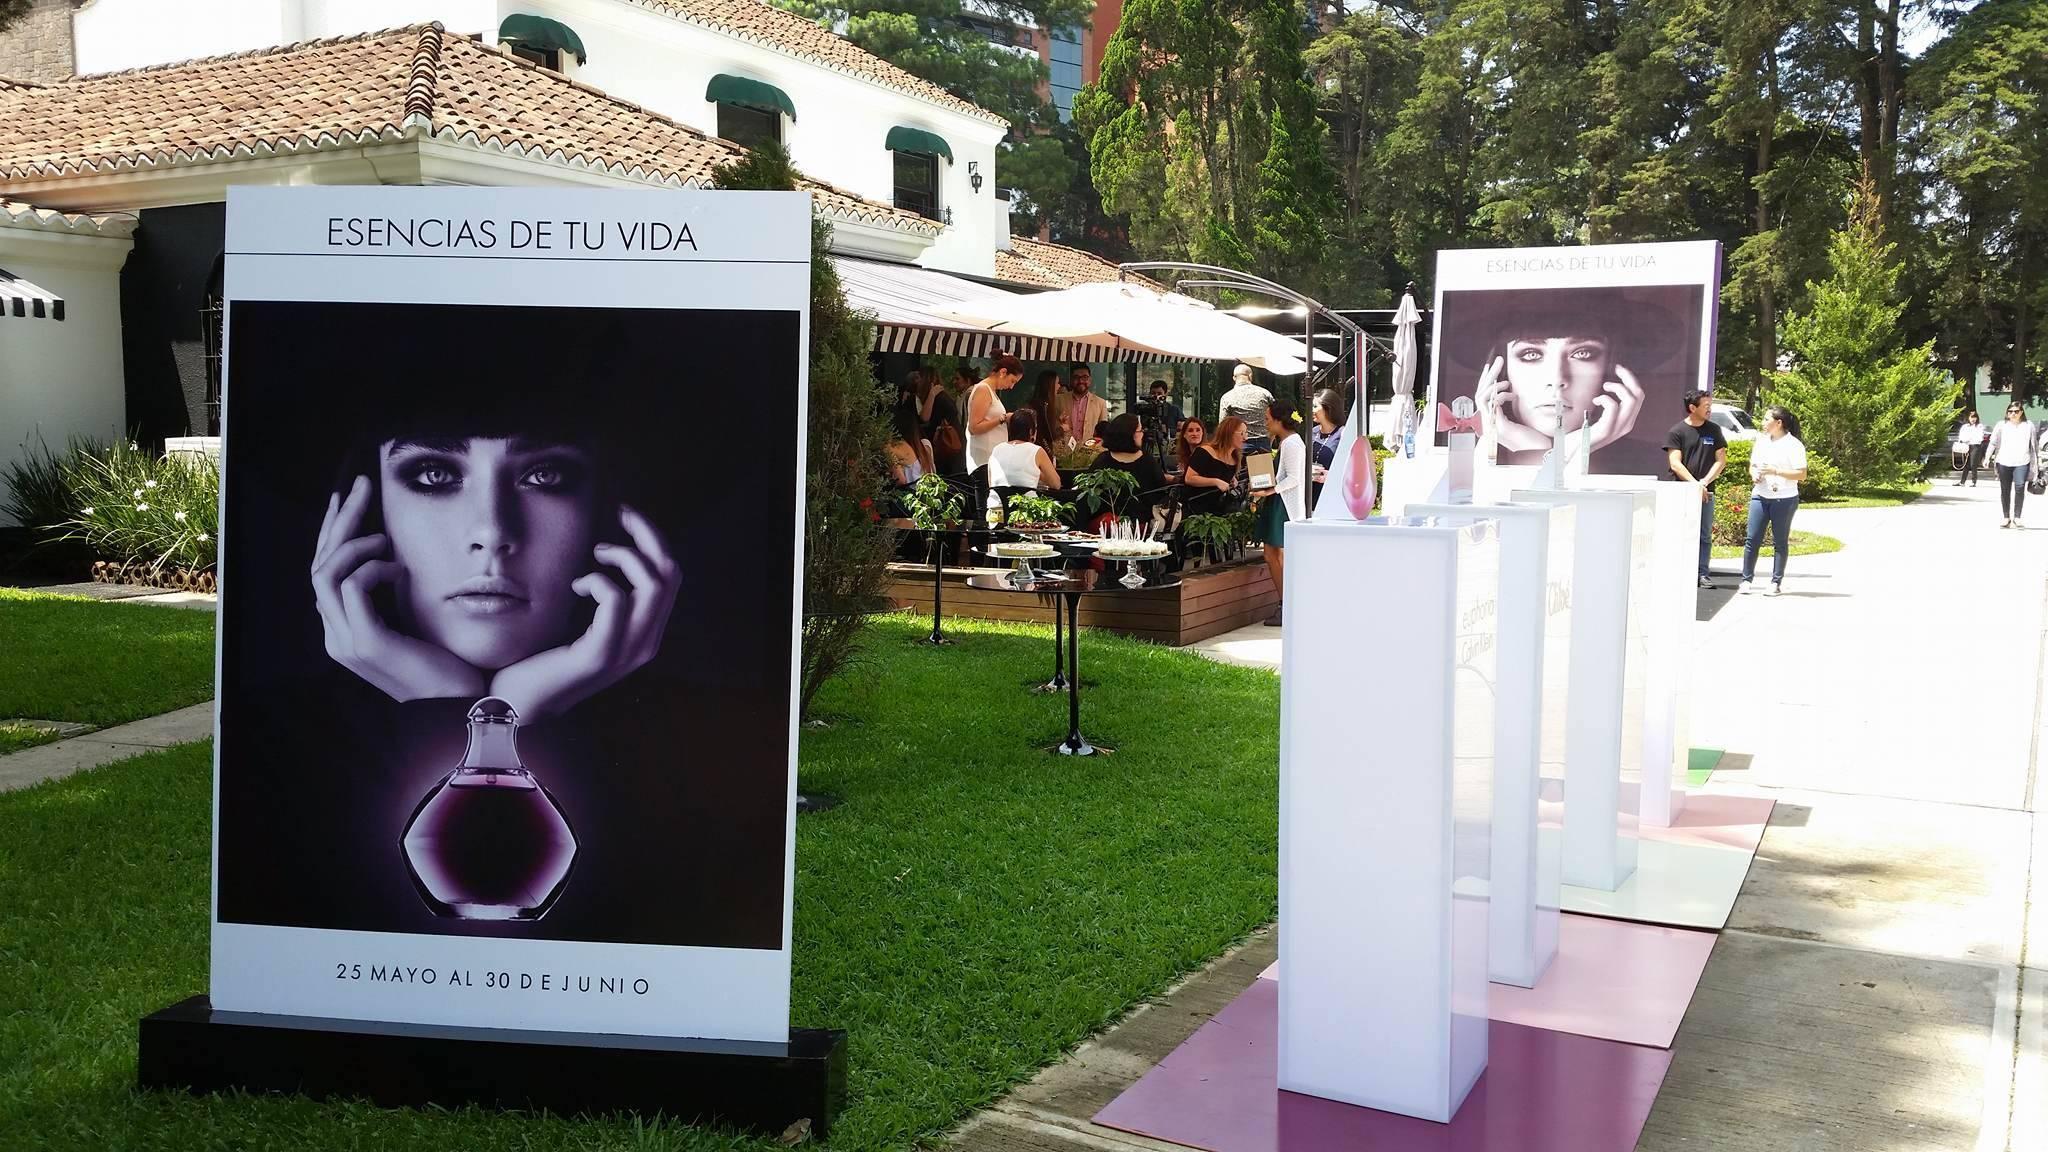 """El festival """"Esencias de tu vida"""", de Siman, se llevará a cabo hasta el 30 de junio. Foto: David Lepe Sosa"""